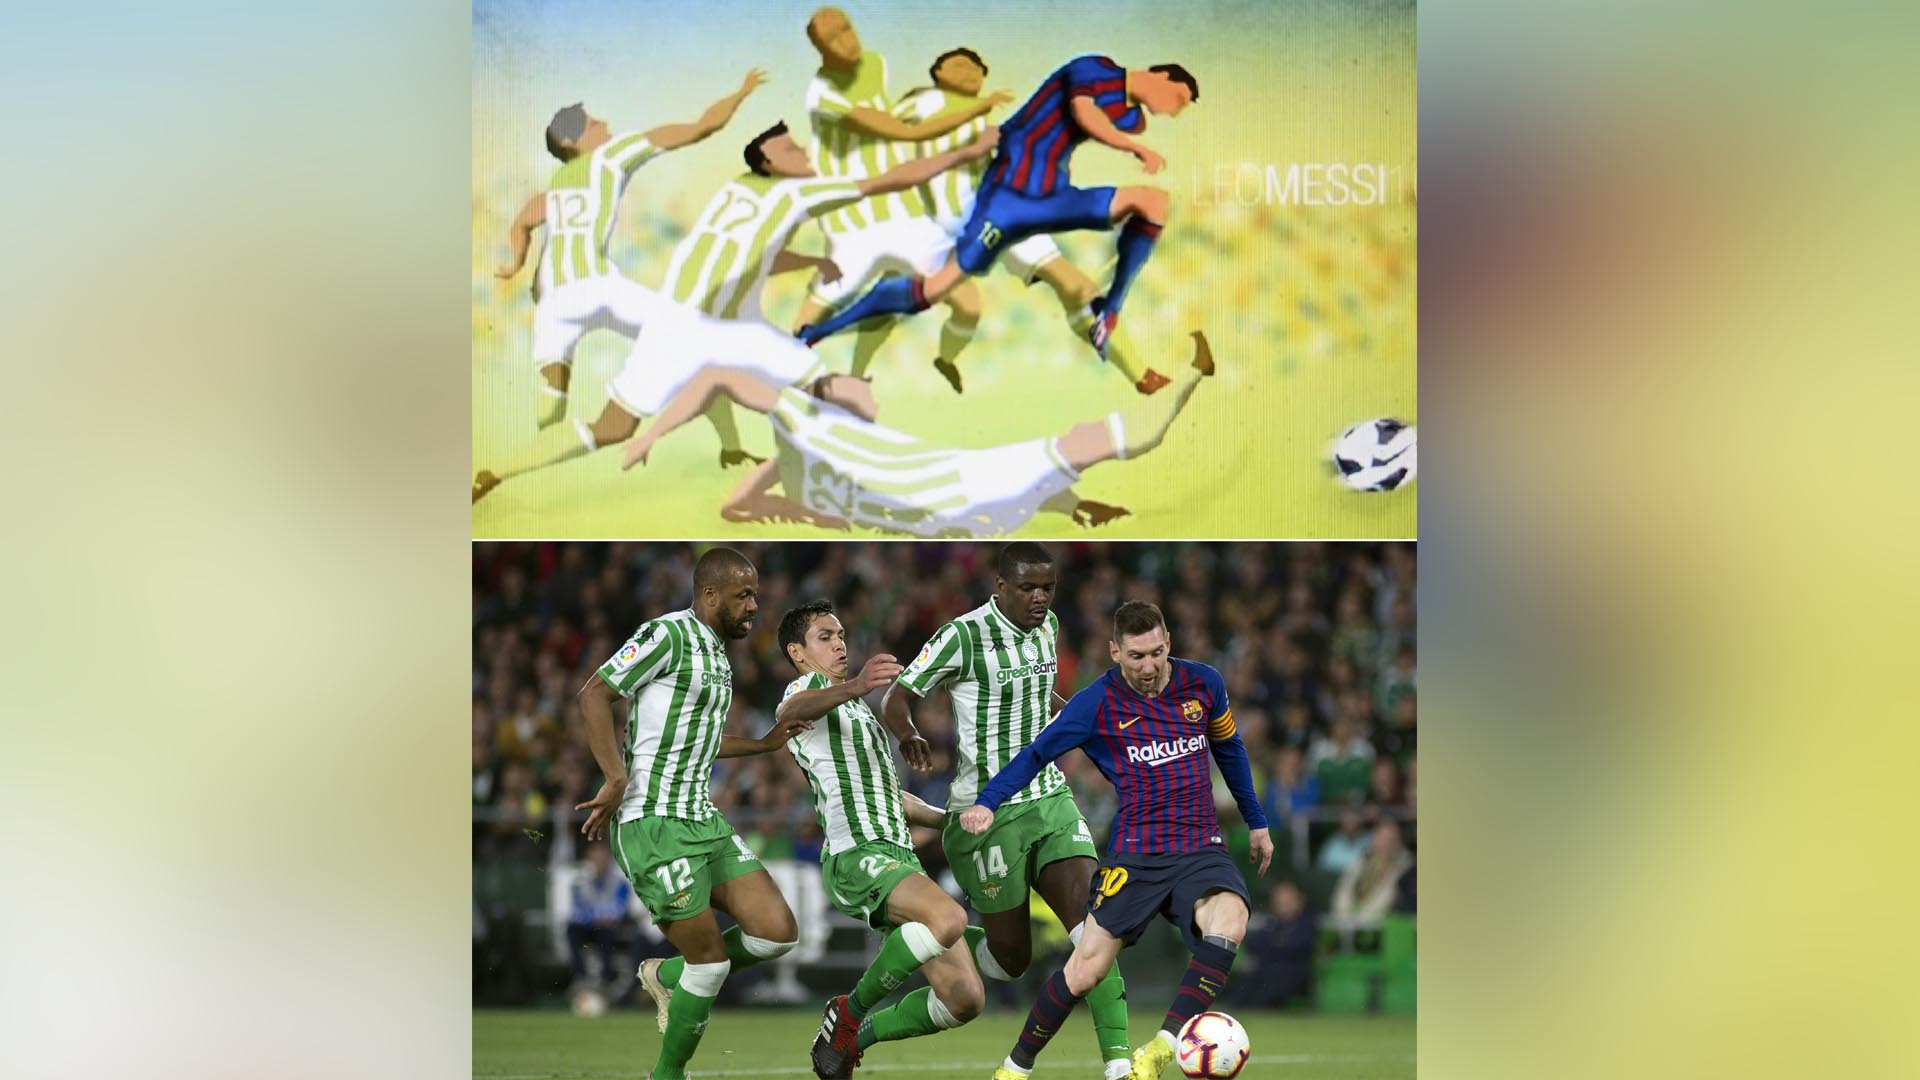 La Mano De Dios El Dibujo De Un Bangladesi Sobre Messi Se Hizo